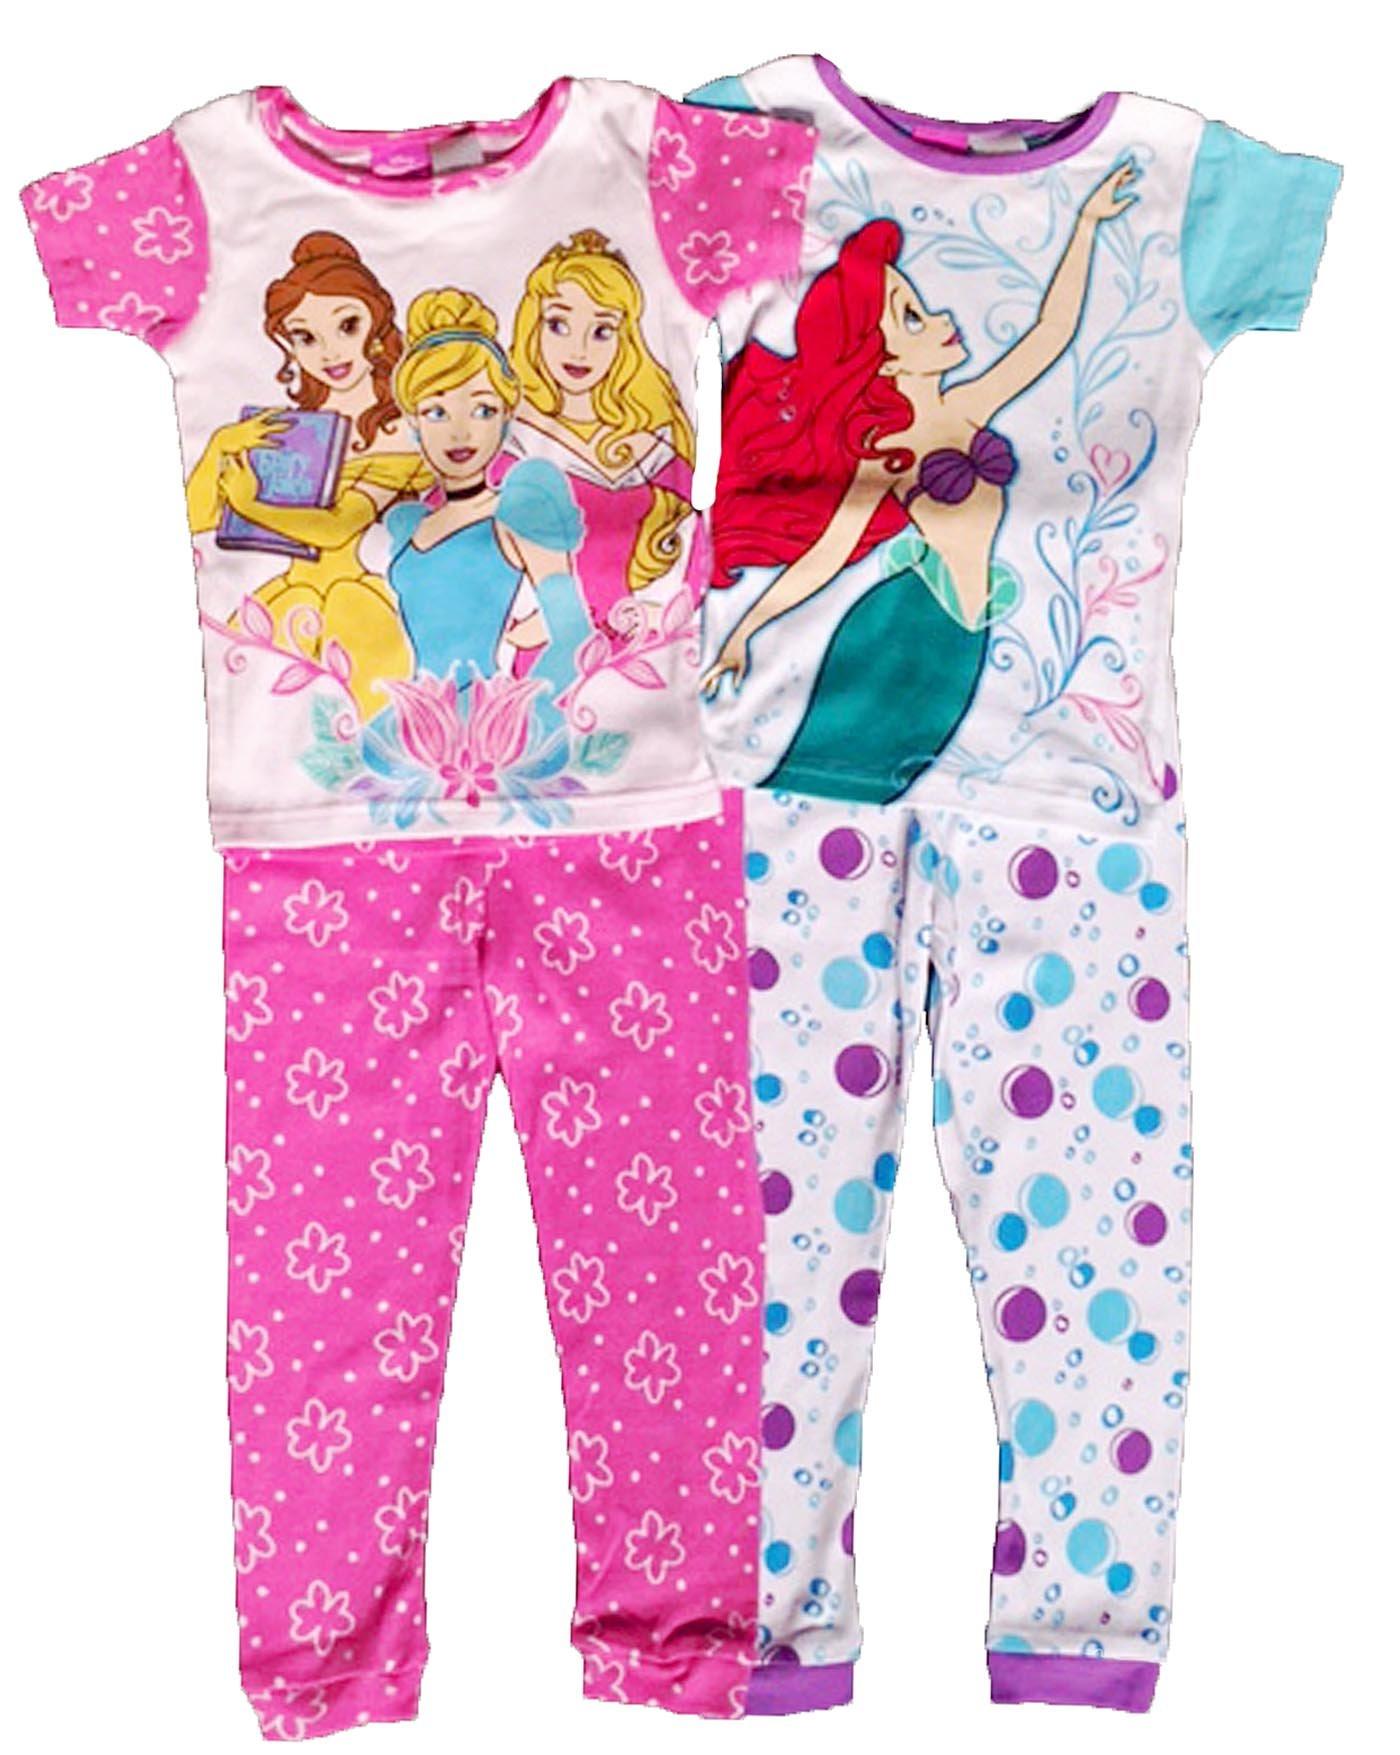 Disney Princess Little Girls Toddler 4 Pc Cotton Pajama Set (2T)